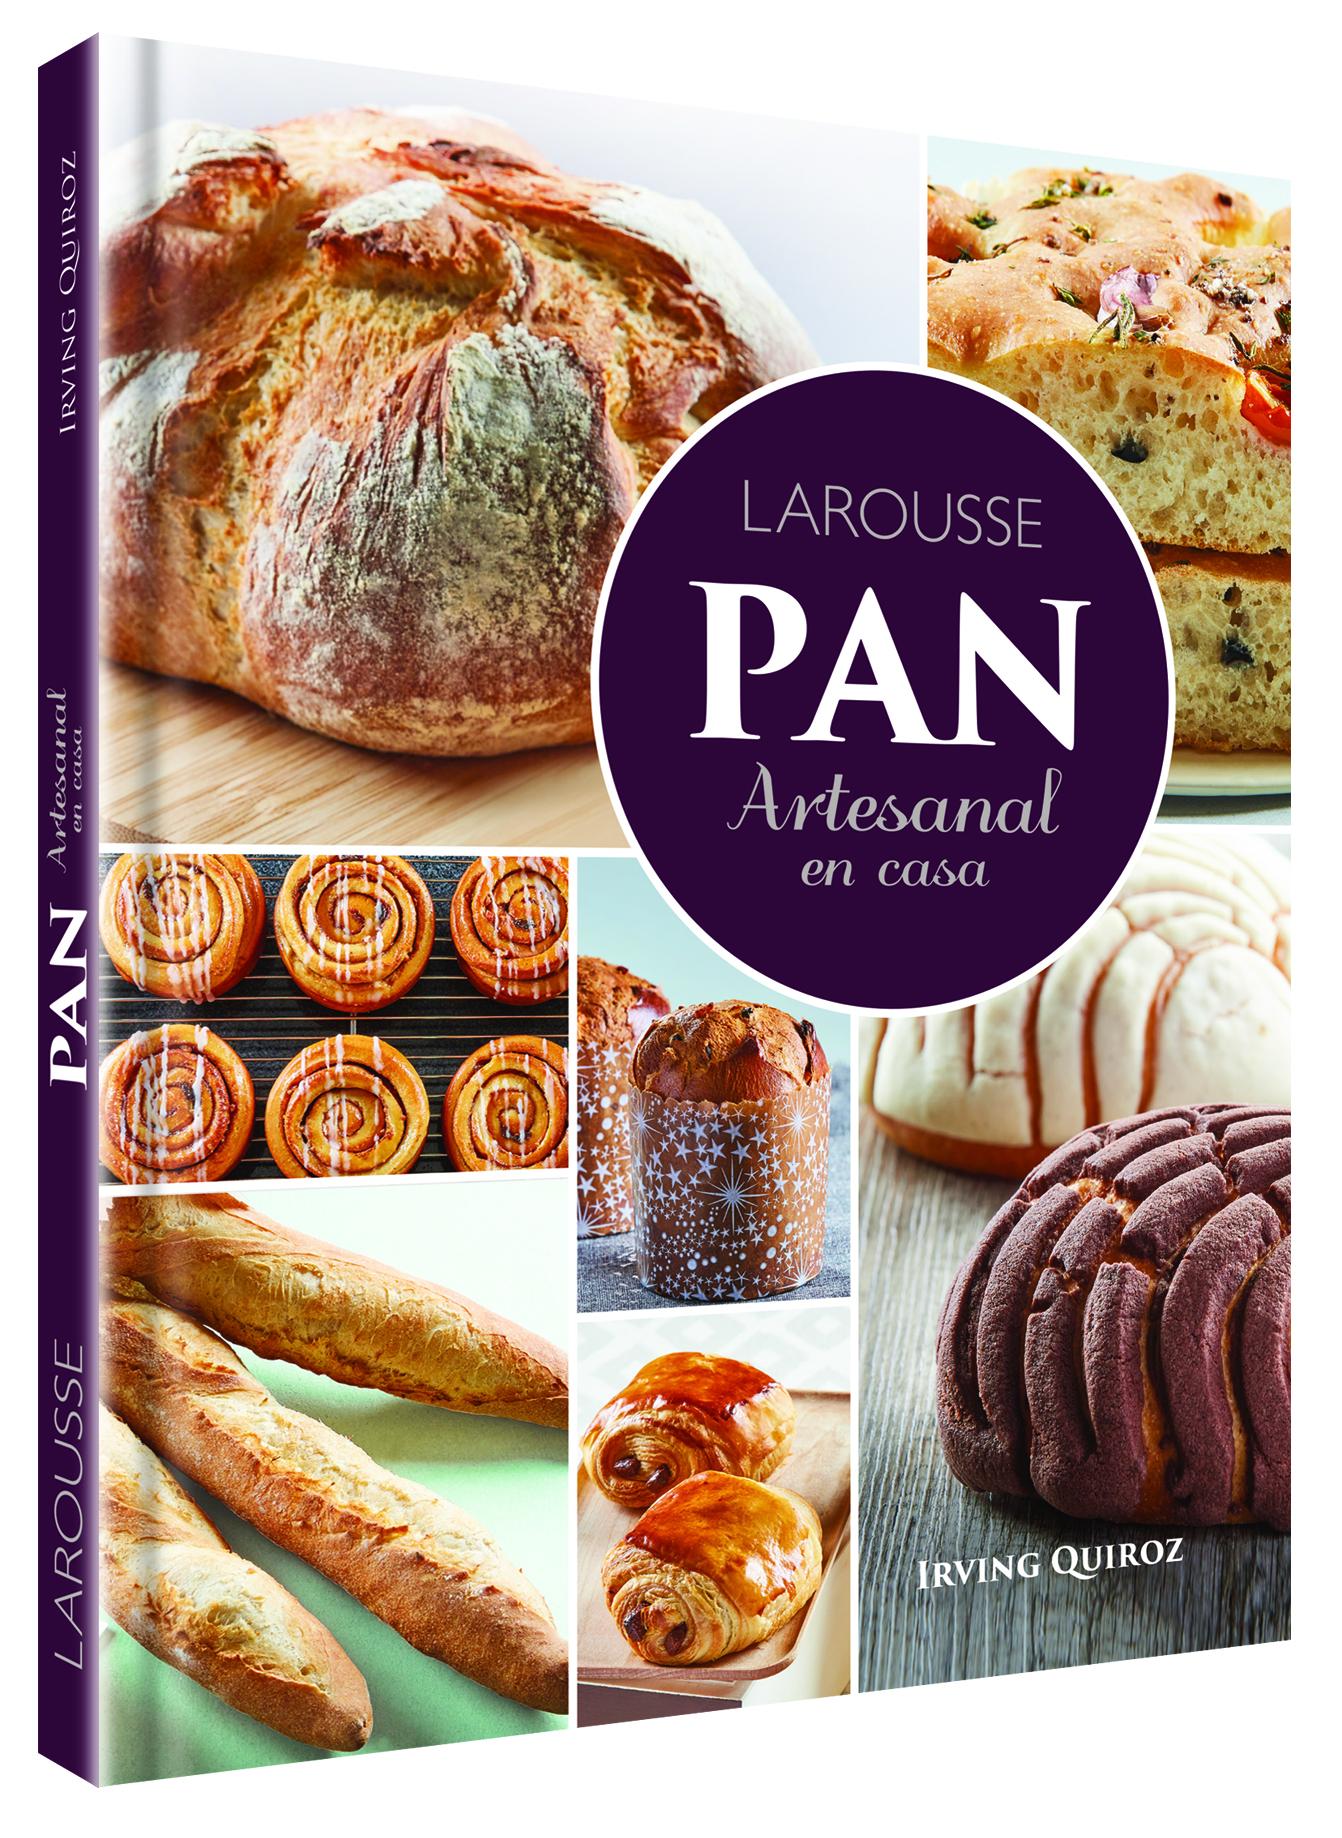 PAN ARTESANAL.jpg